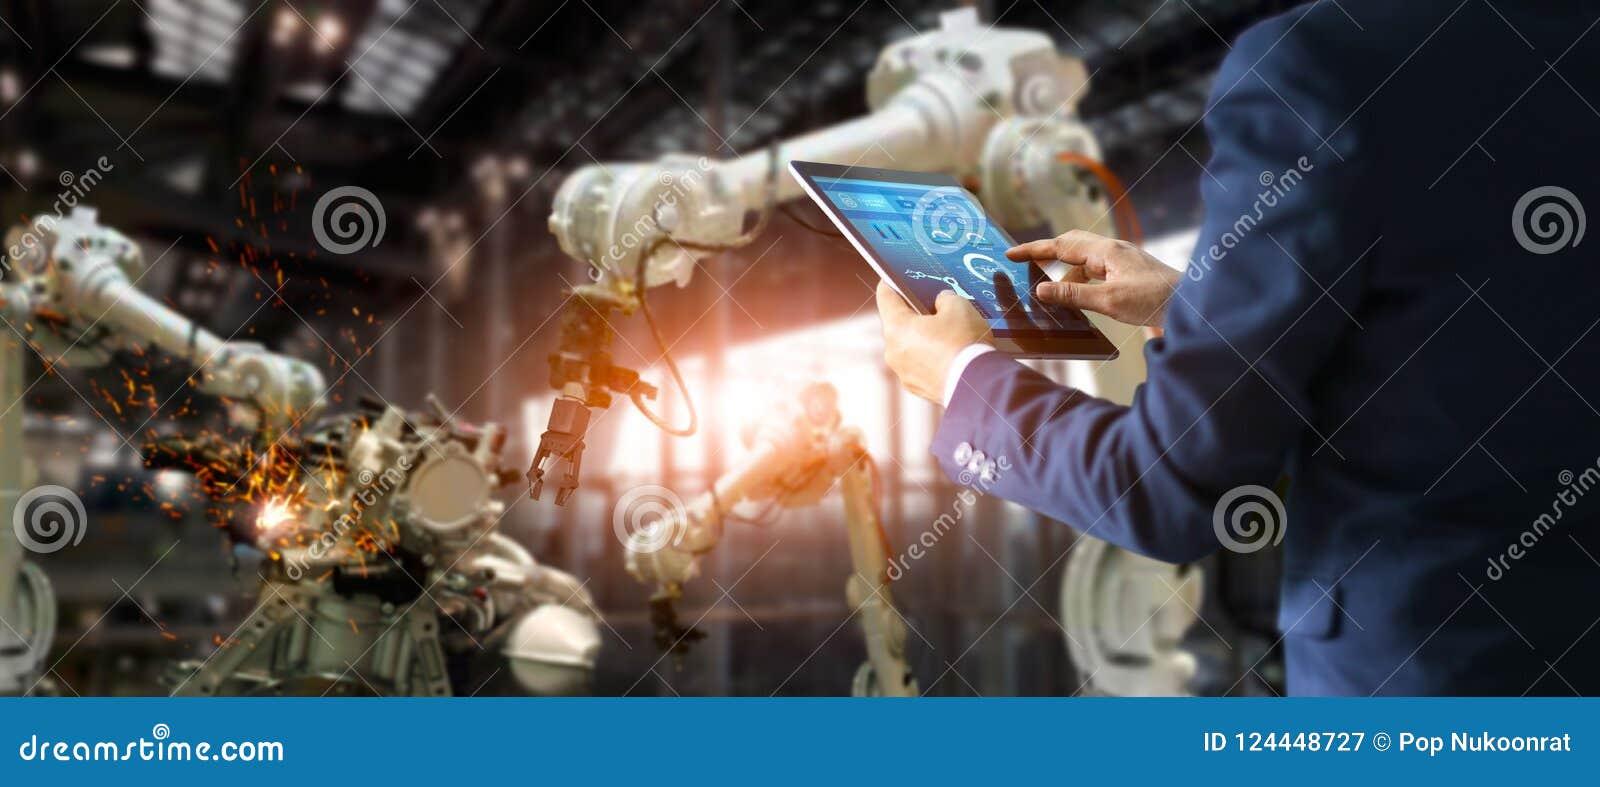 Инженер менеджера промышленный используя автоматизацию таблетки контролируя